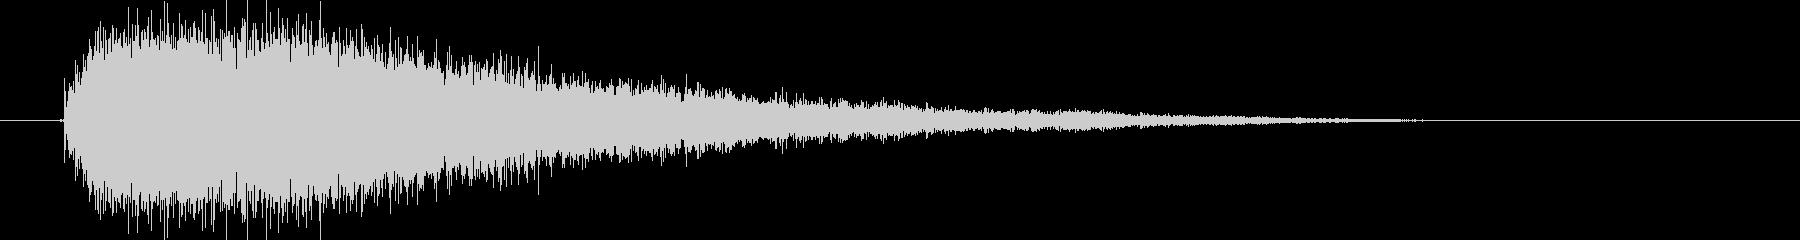 ジャーーーン(銅鑼の音)の未再生の波形